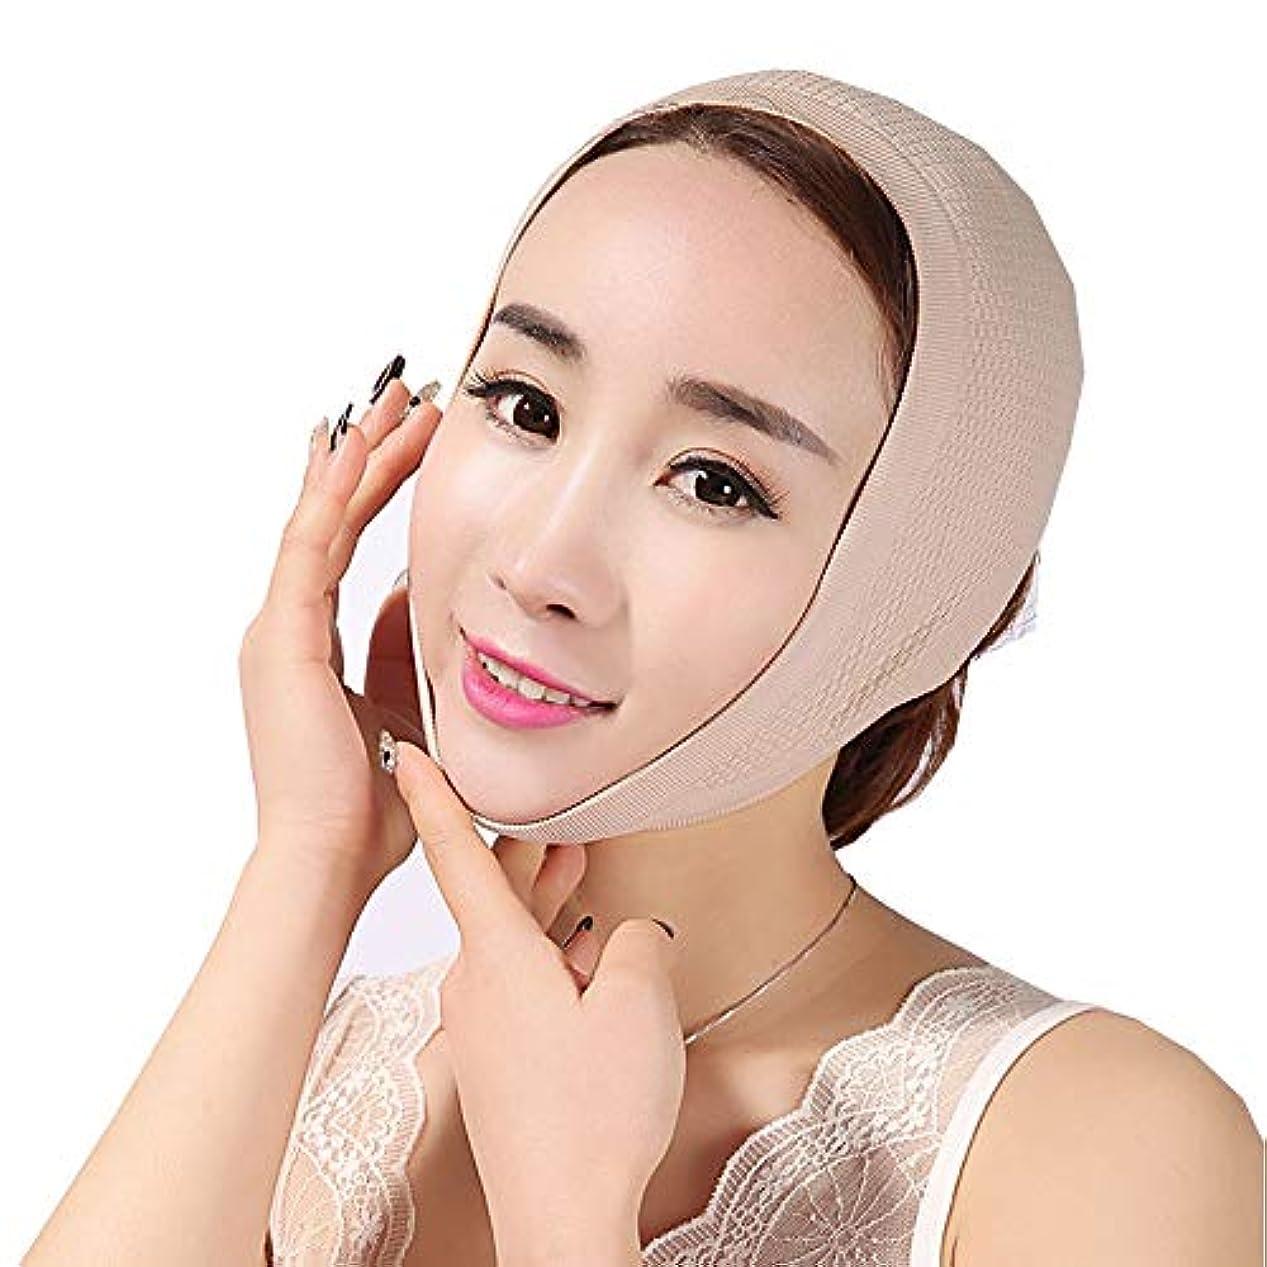 エジプトリマーク宇宙フェイスマスクで眠る薄い顔フェイスリフトフェイスリフトアーティファクトスモールフェイスVフェイスリフト付きフェイスフェイス包帯引き上げジョーセット